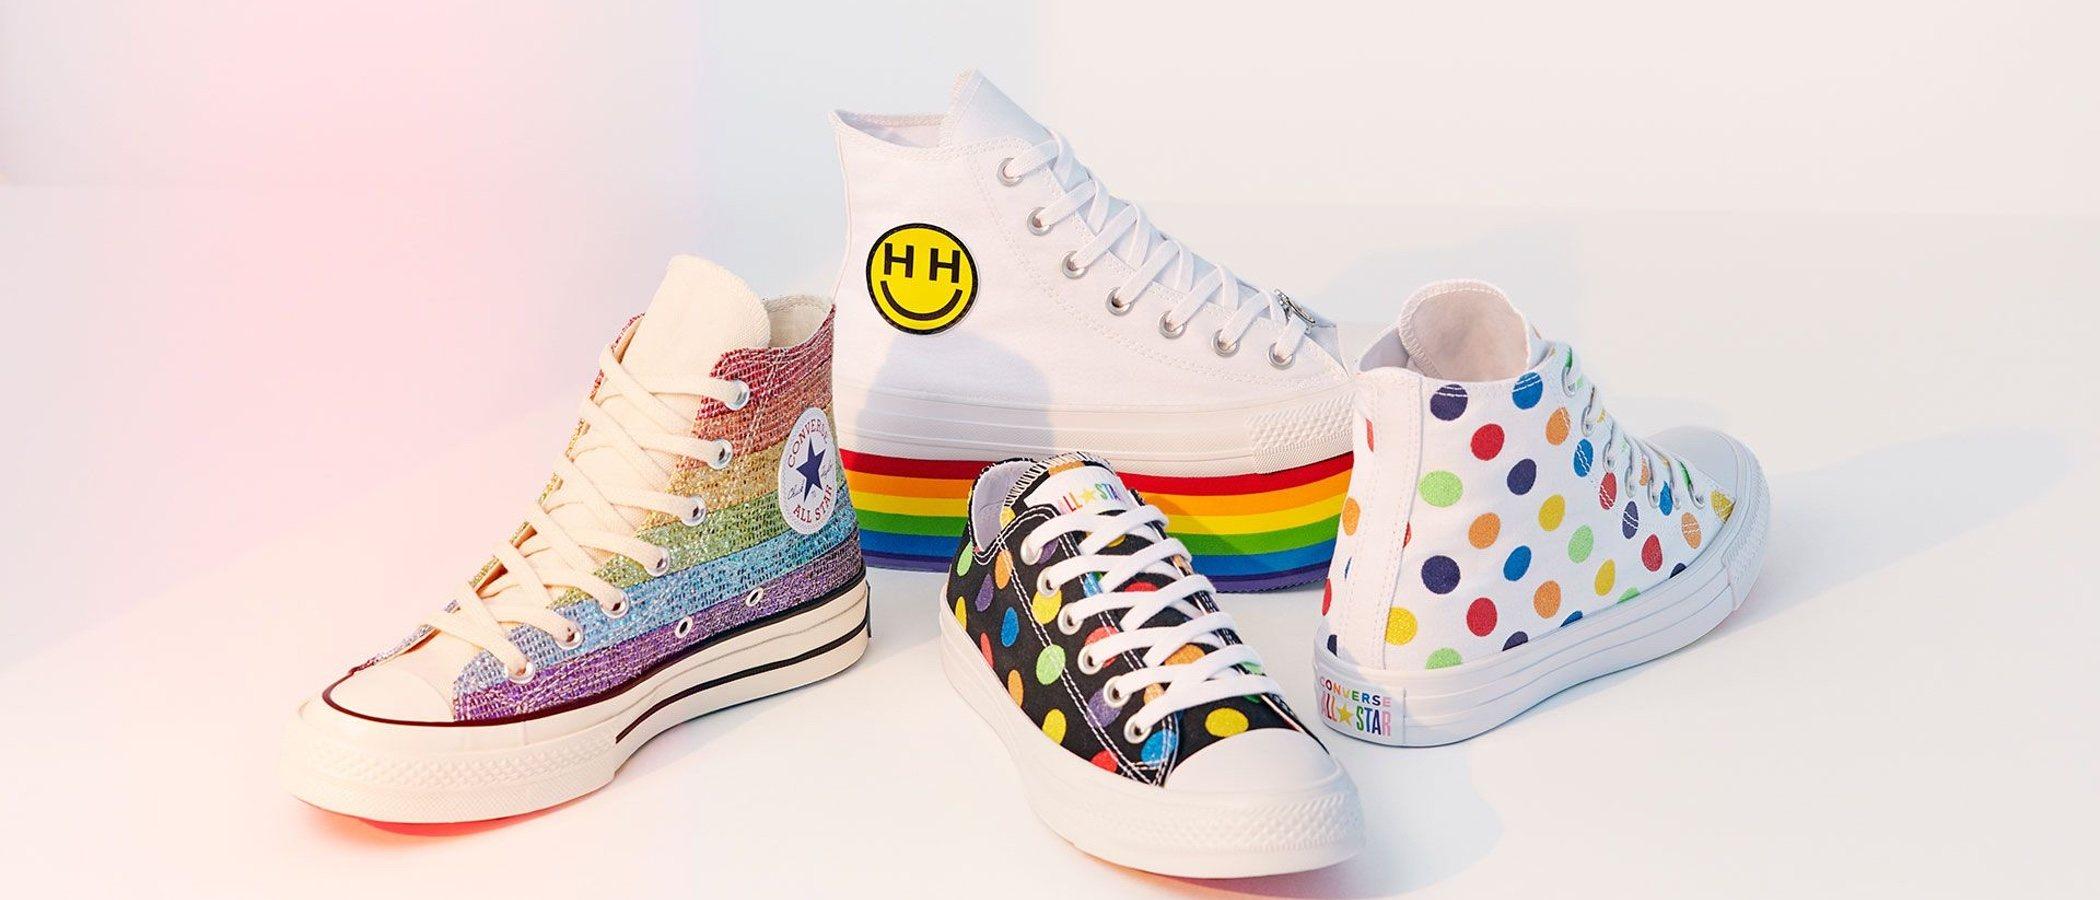 Miley Cyrus participa en el diseño de la nueva colección de Converse en homenaje al Orgullo LGTBI